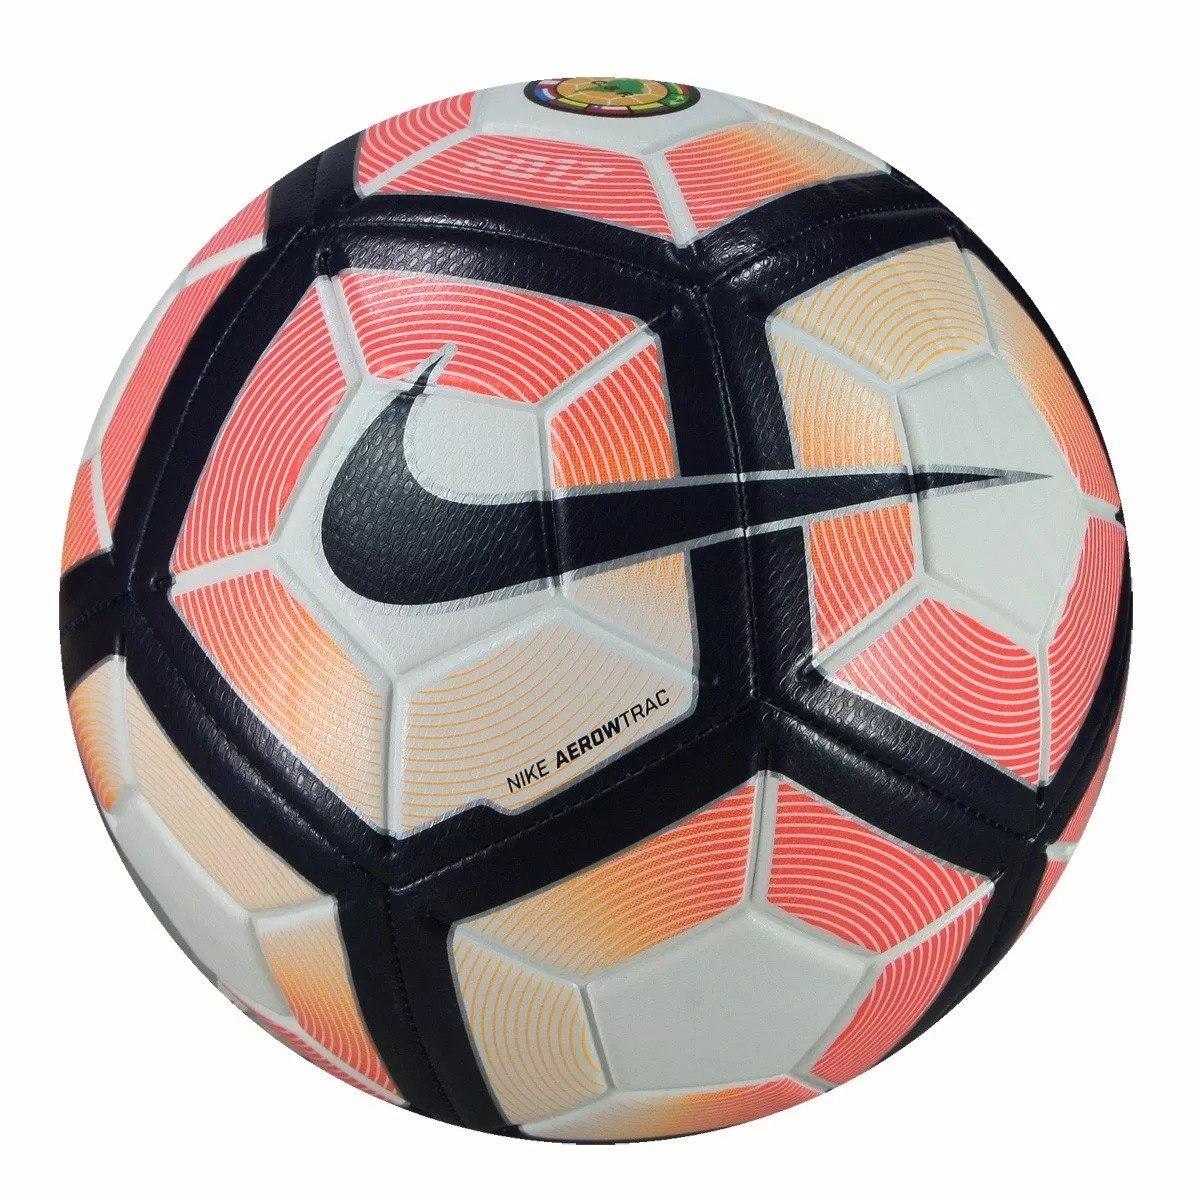 Bola Nike Campo Oficial Strike Csf Original Libertadores R dc141b8165a41